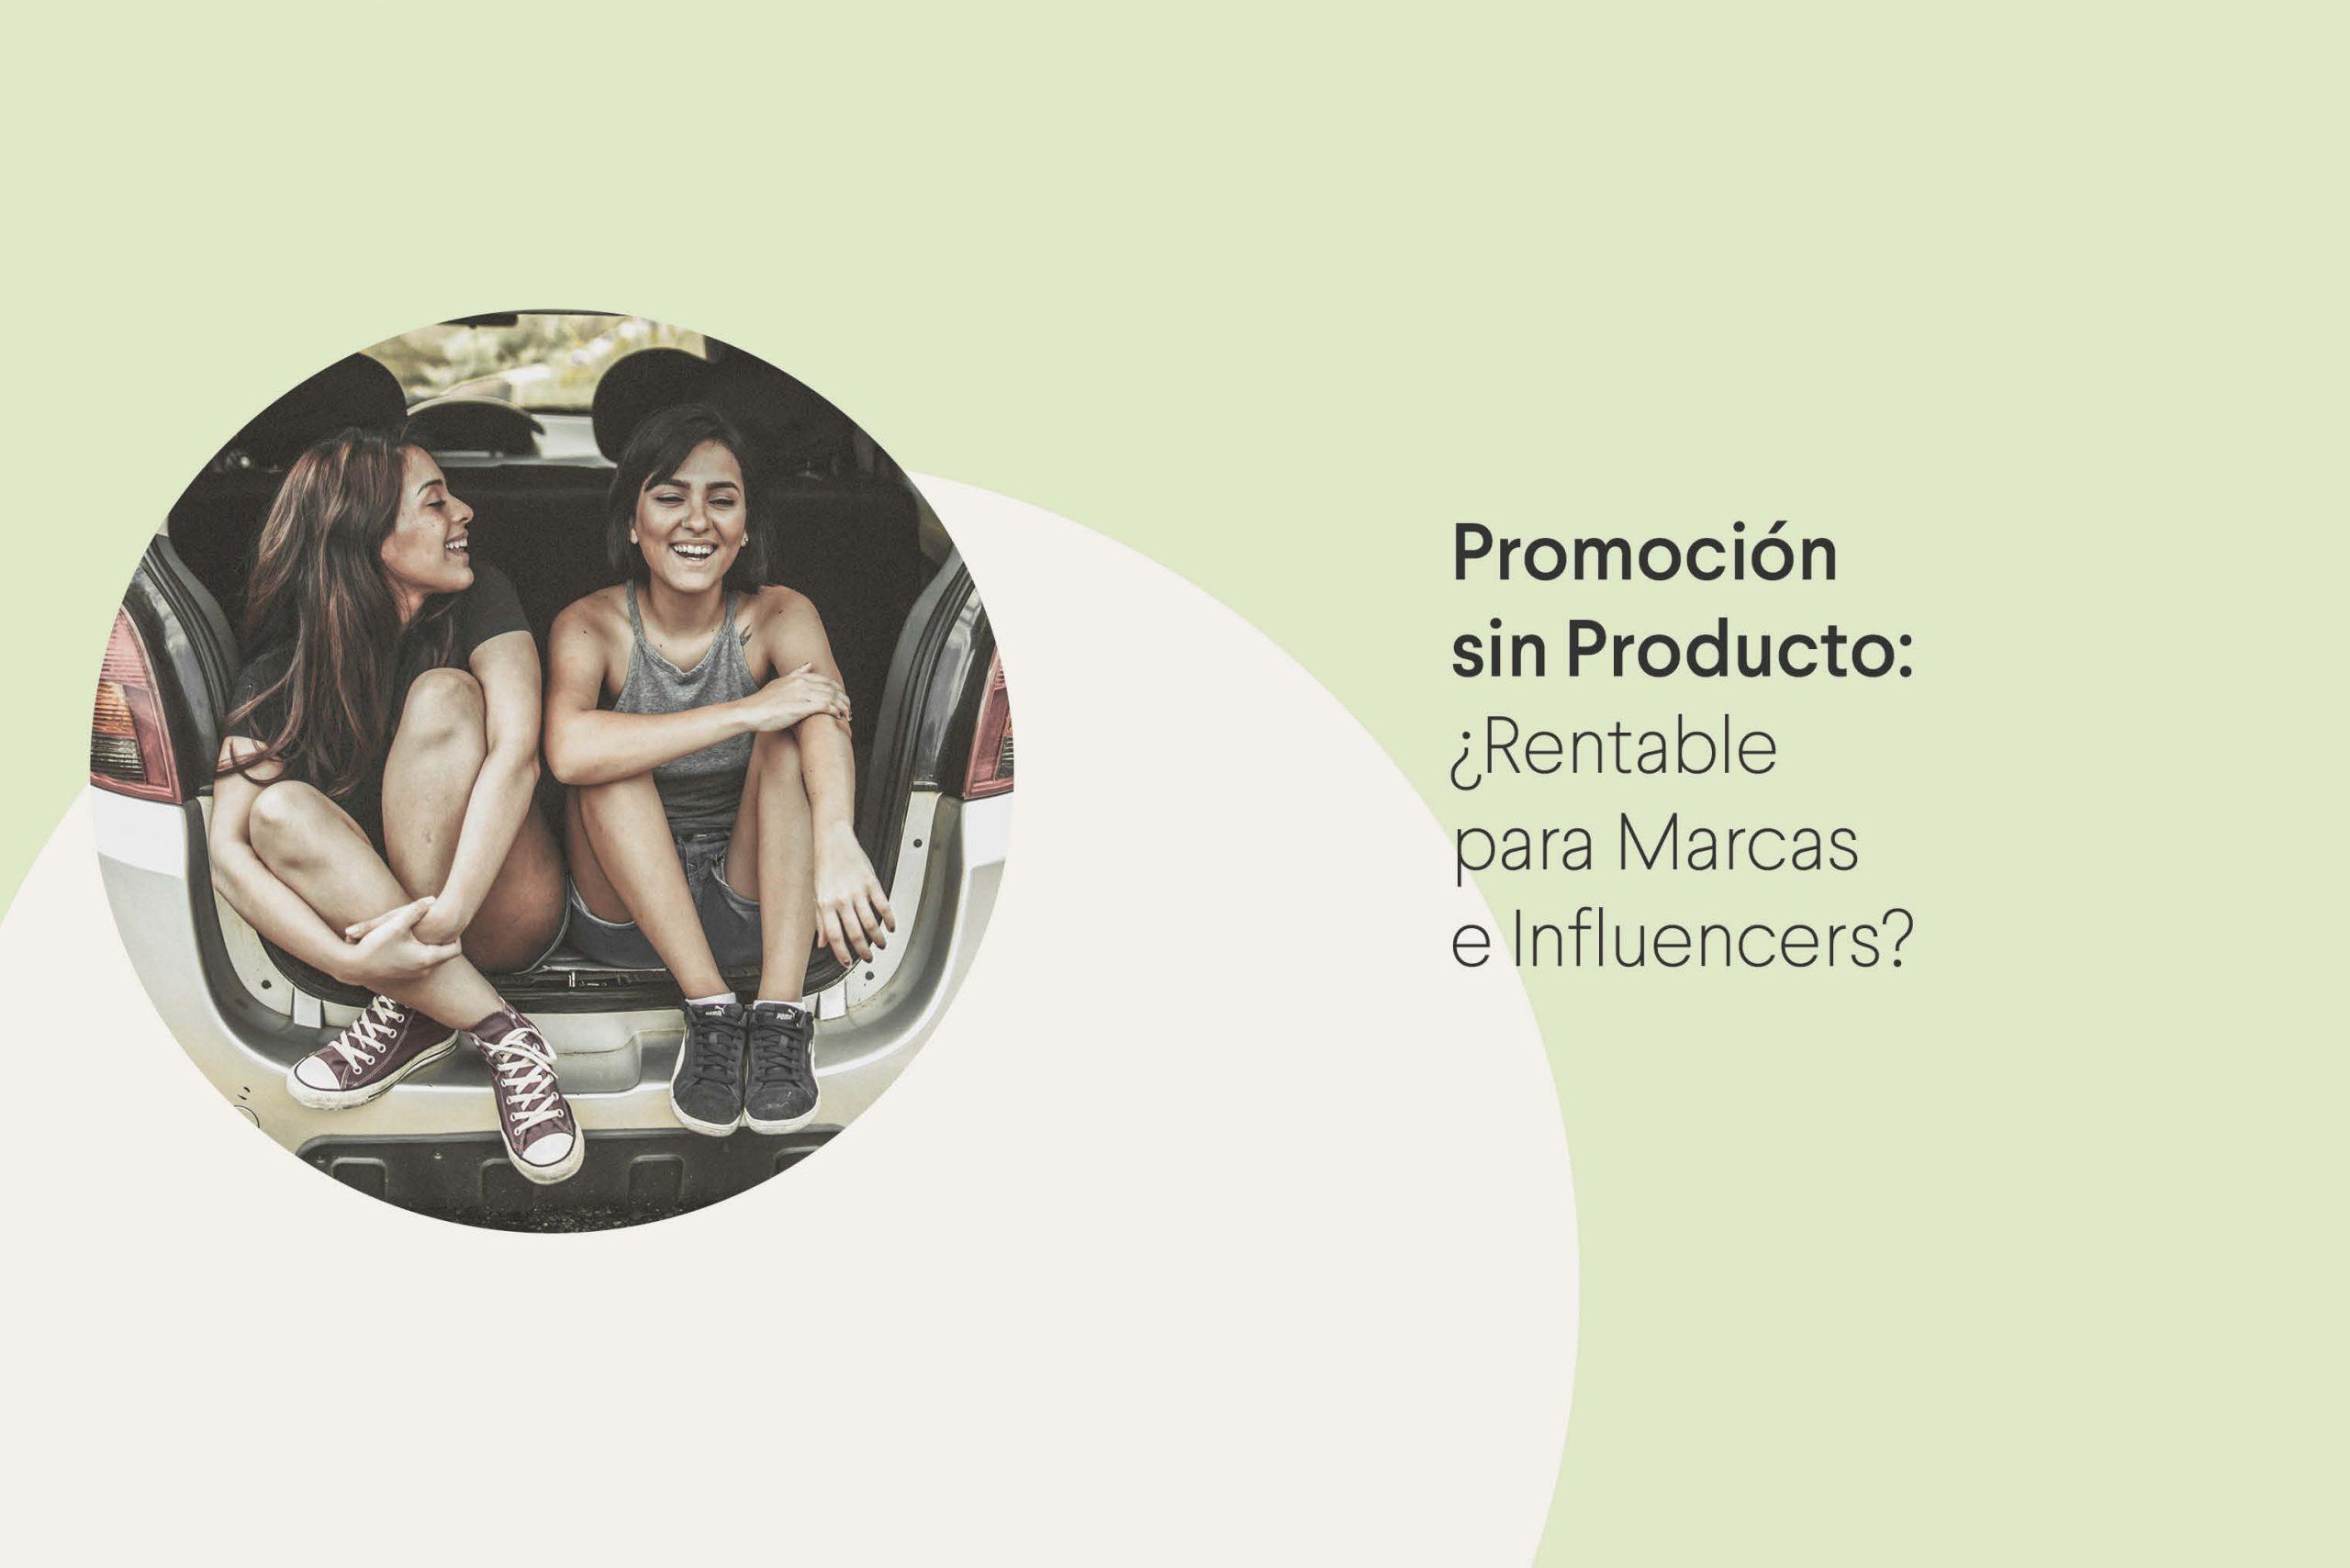 Es rentable la promoción sin producto